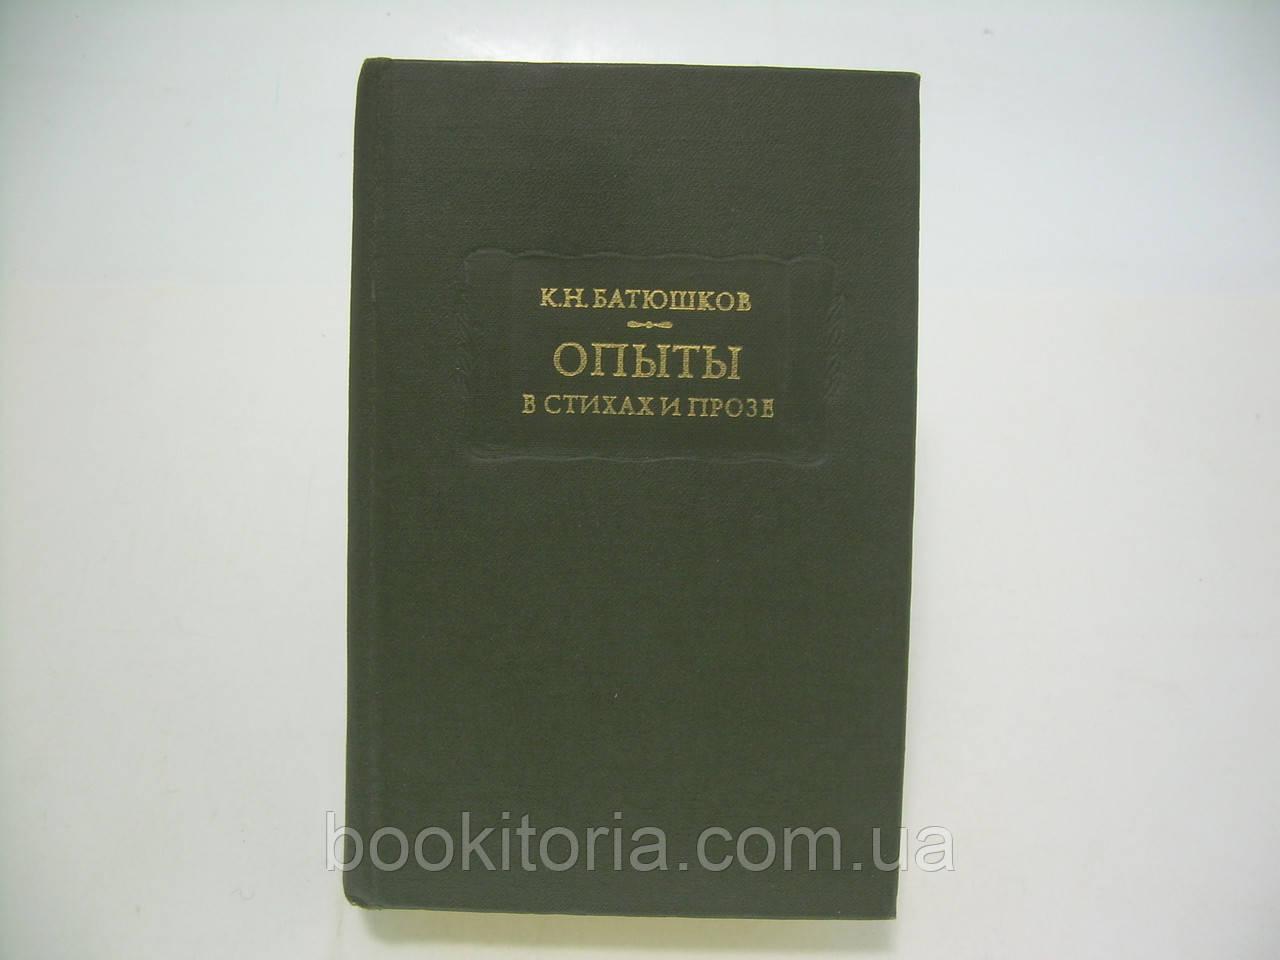 Батюшков К.Н. Опыты в стихах и прозе (б/у).